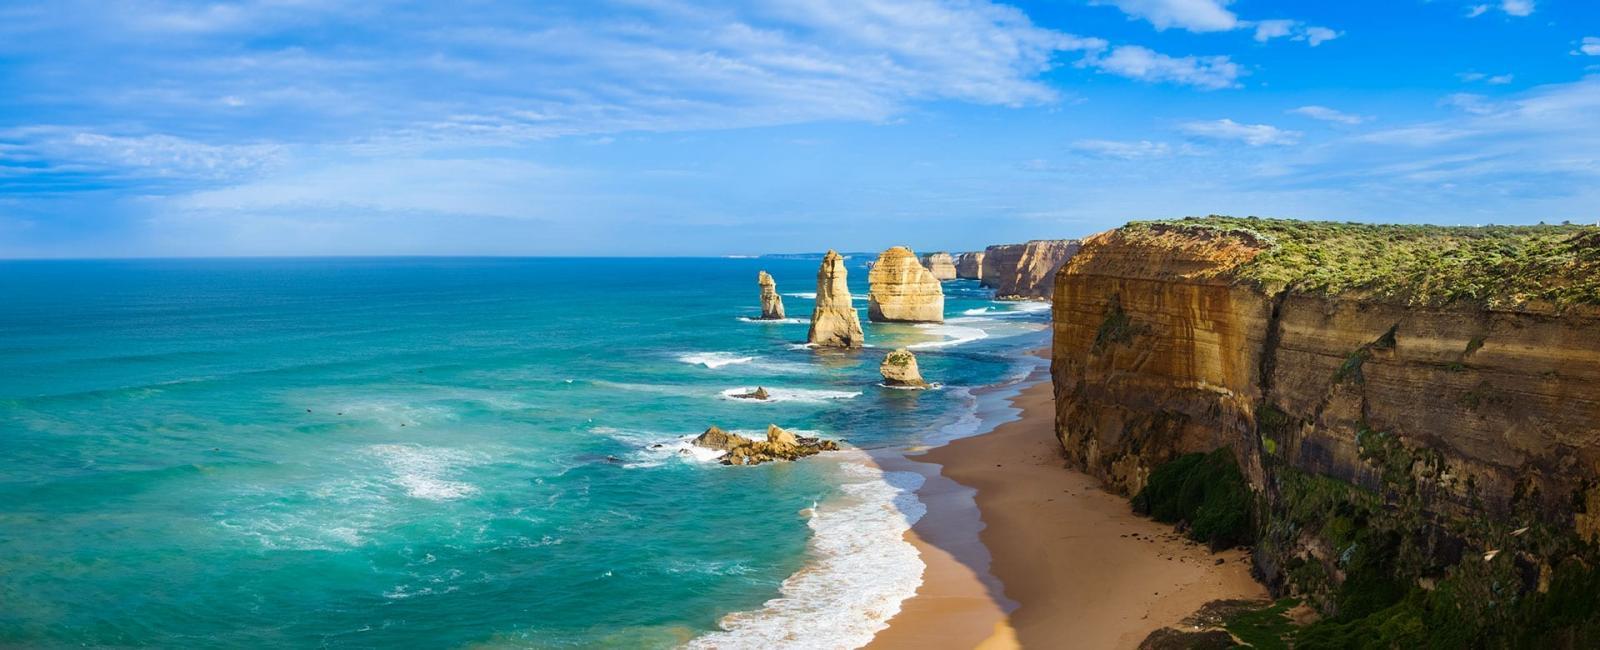 Reiserouten Australien